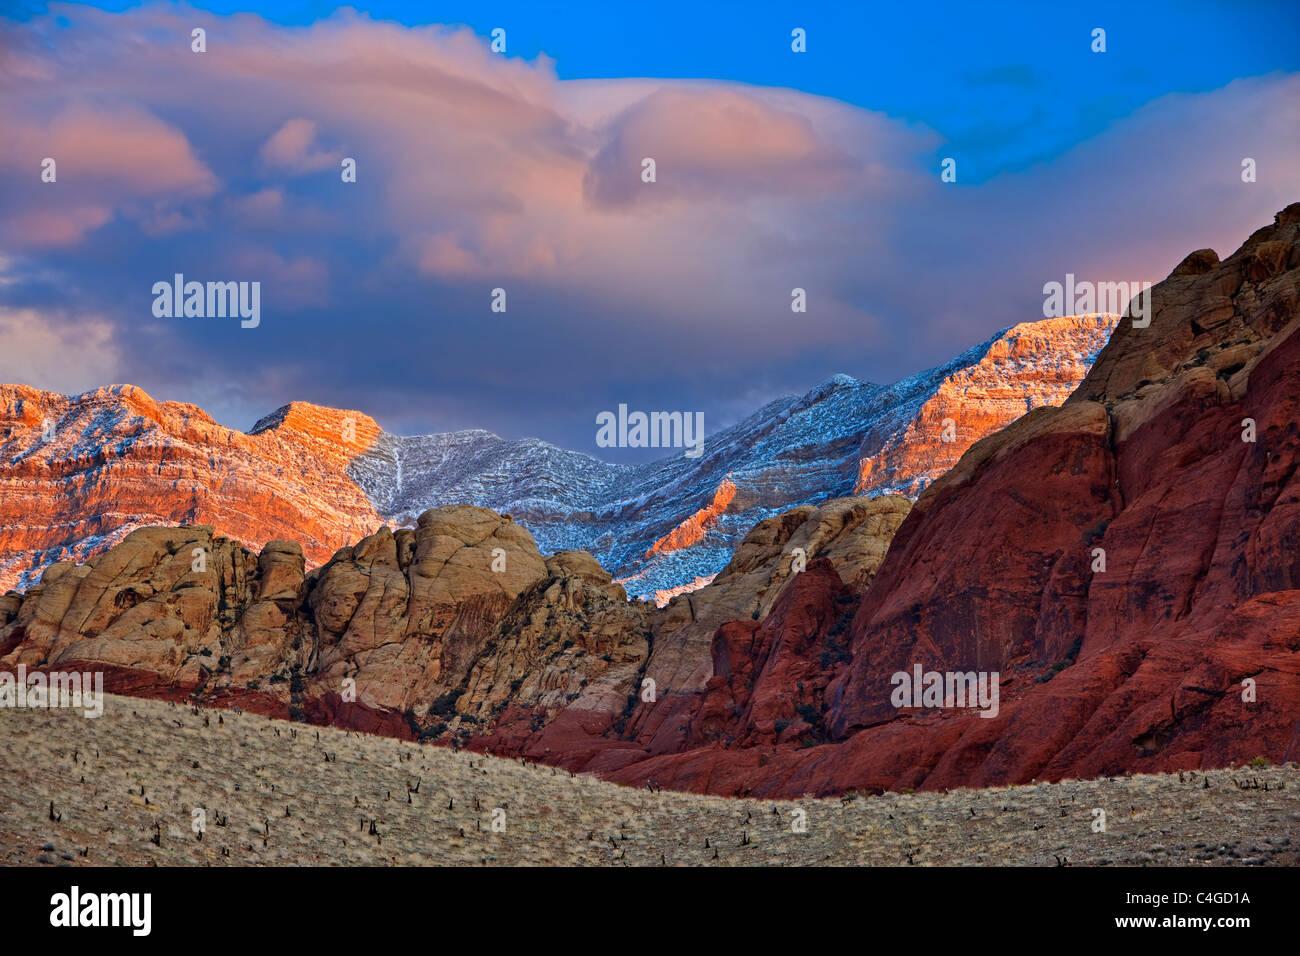 Spring Mountains, el Area de Conservación Nacional de Red Rock Canyon, nieve fresca en Spring Mountains durante Imagen De Stock